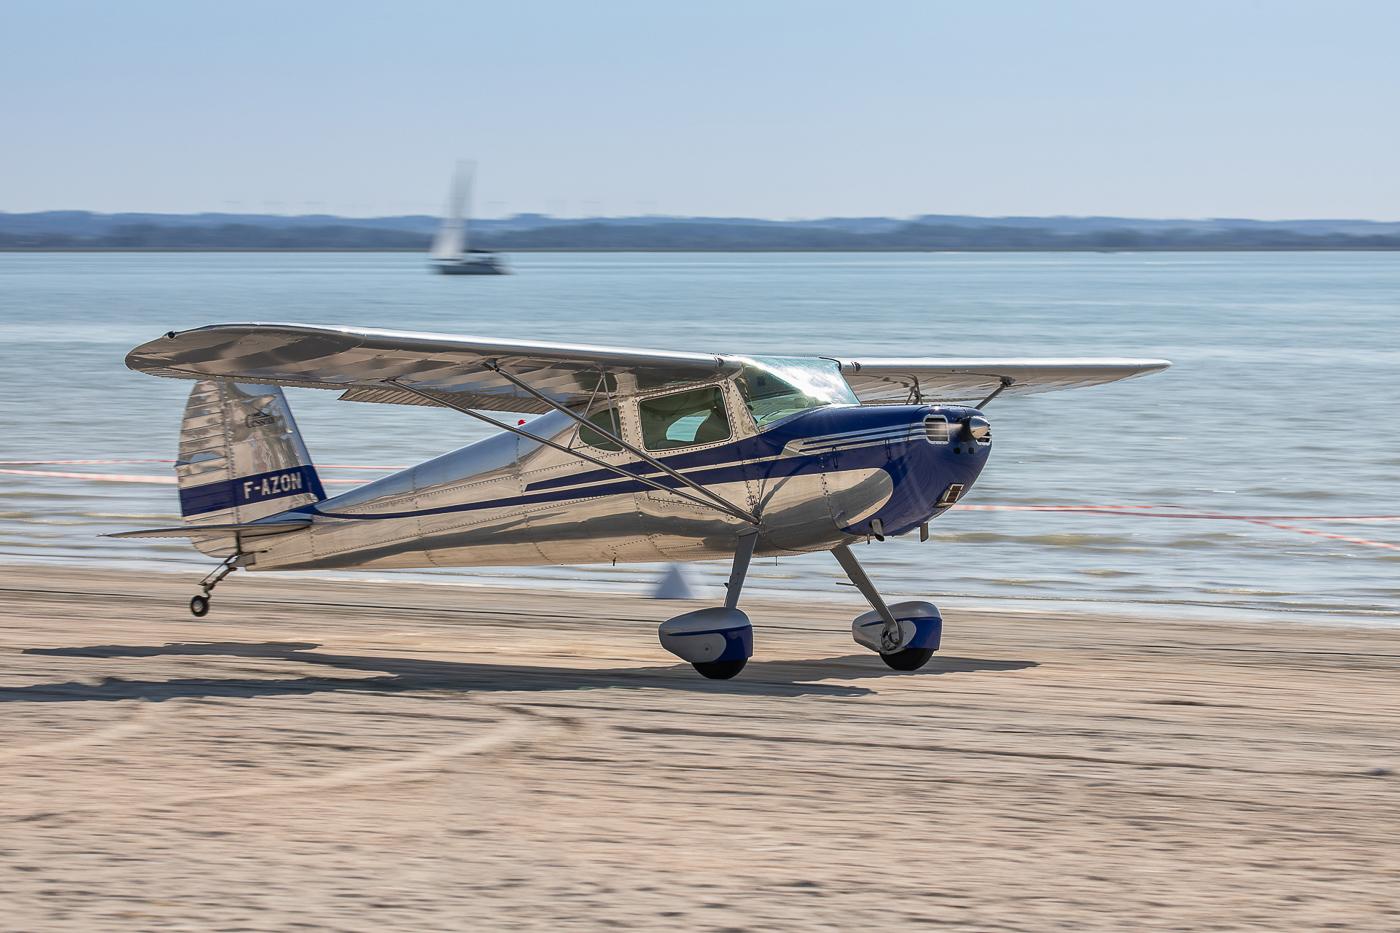 Le tout rutilant Cessna 140 F-AZON de 1940, qui contrairement au J-3 est de construction toute métallique © Damien Defever